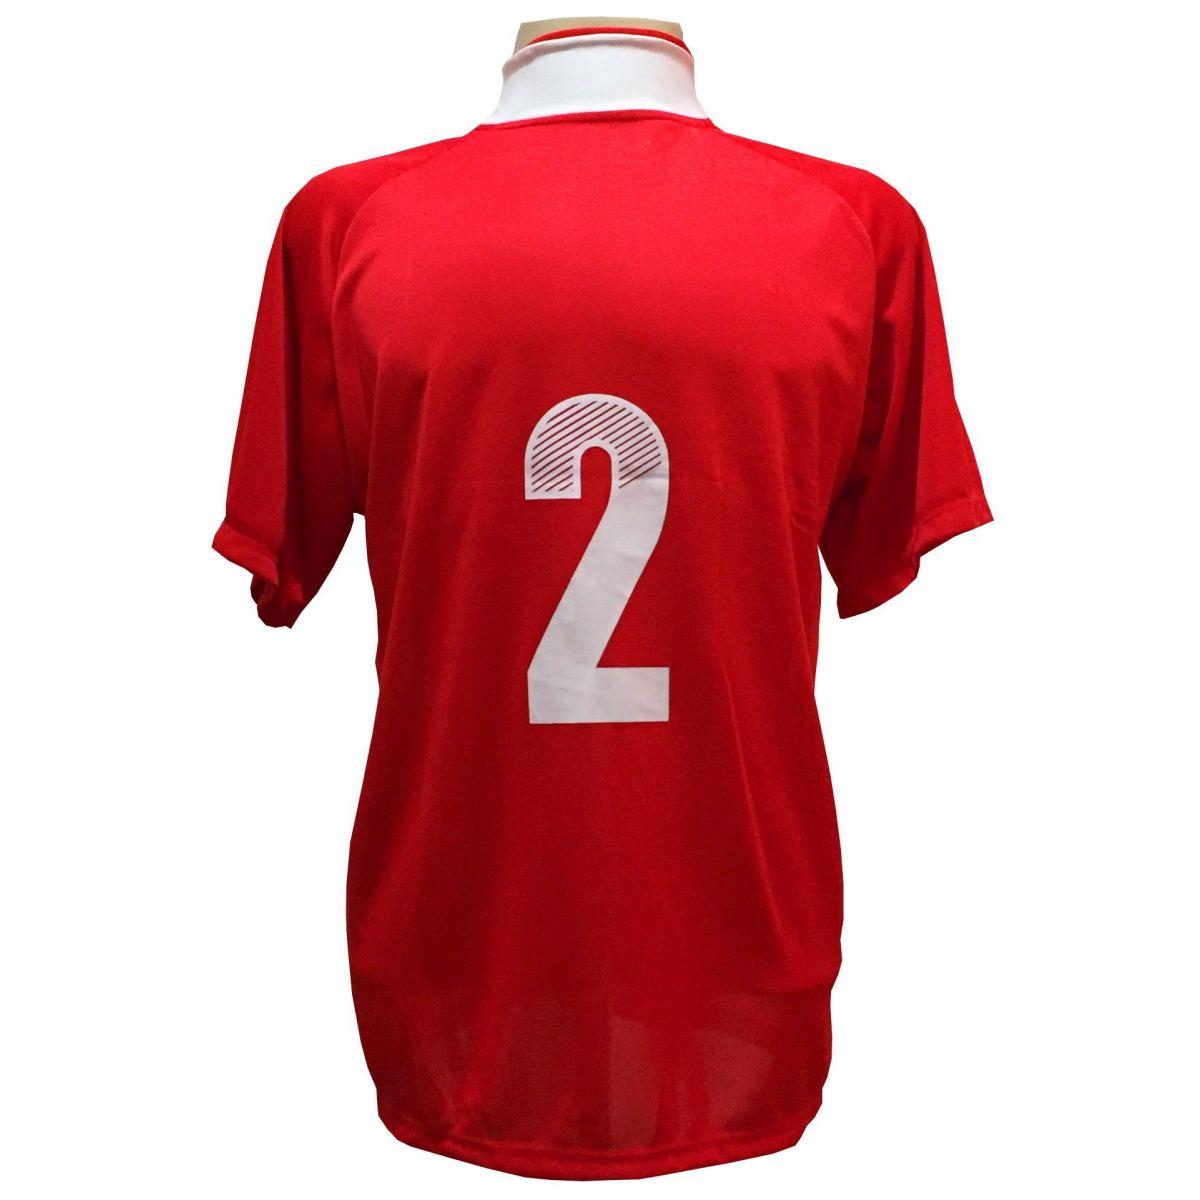 Uniforme Esportivo com 12 Camisas modelo Milan Vermelho/Branco + 12 Calções modelo Madrid Royal + 12 Pares de meiões Vermelho   - ESTAÇÃO DO ESPORTE